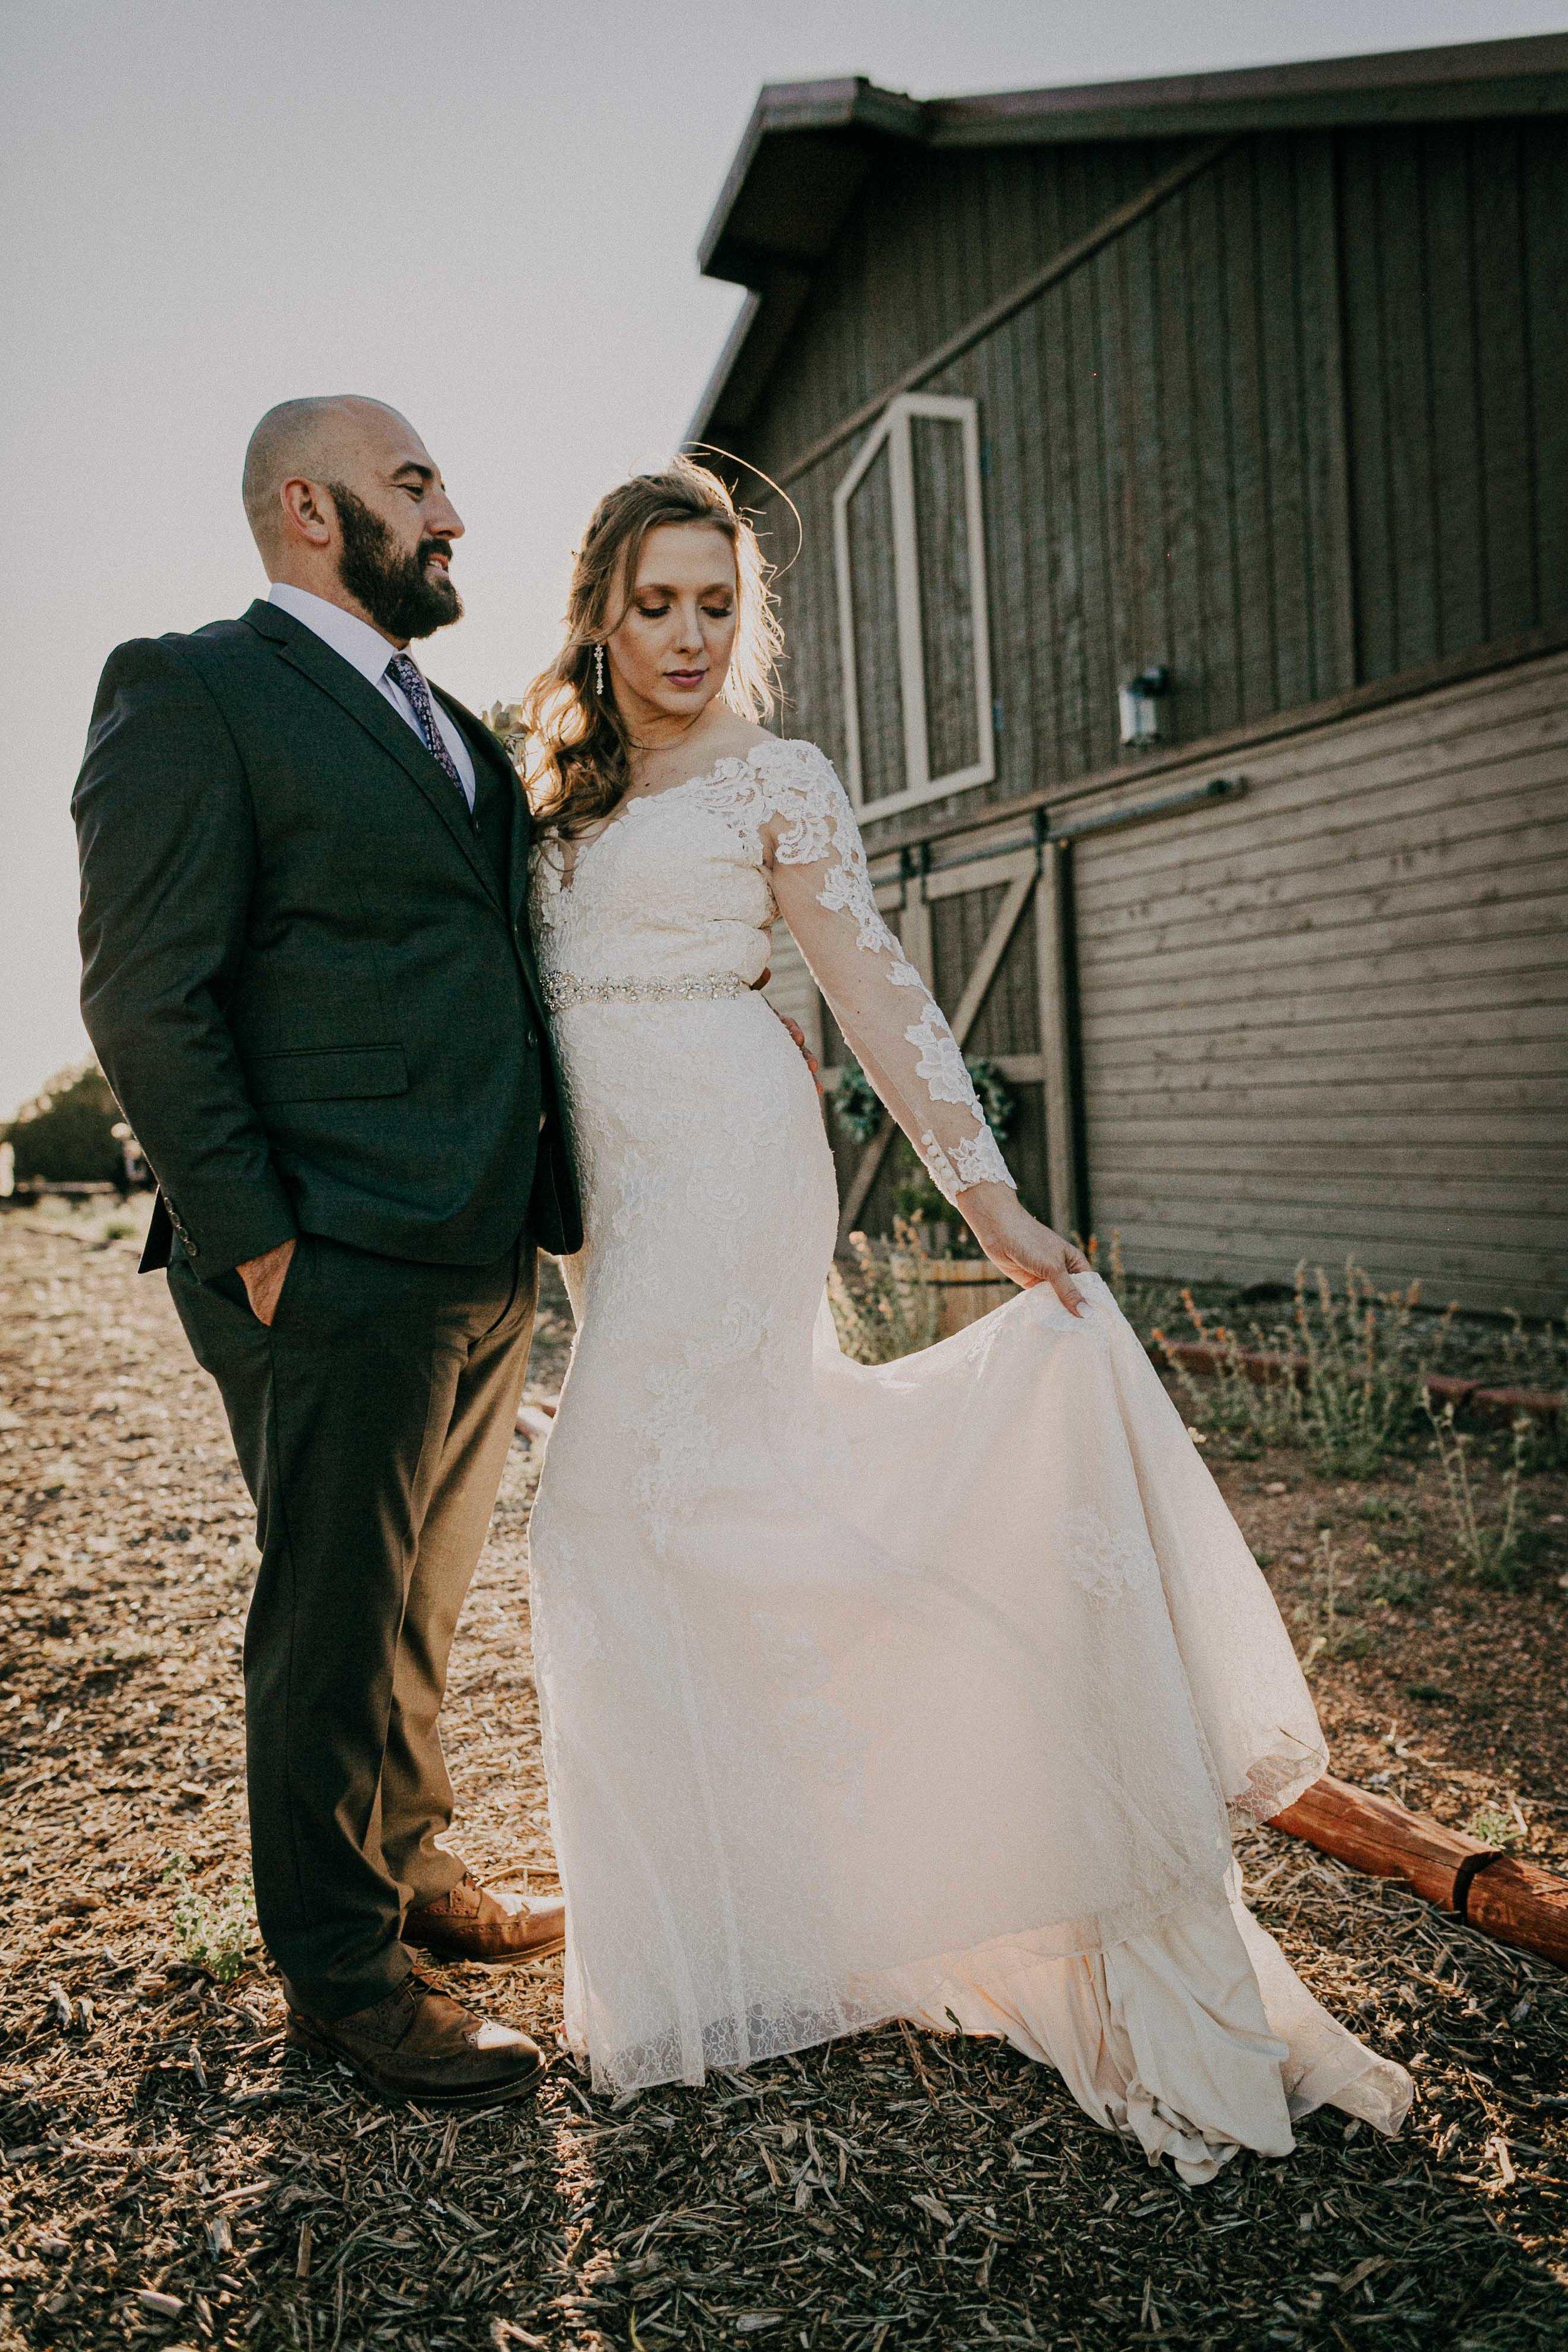 Wedding-18-2.jpg